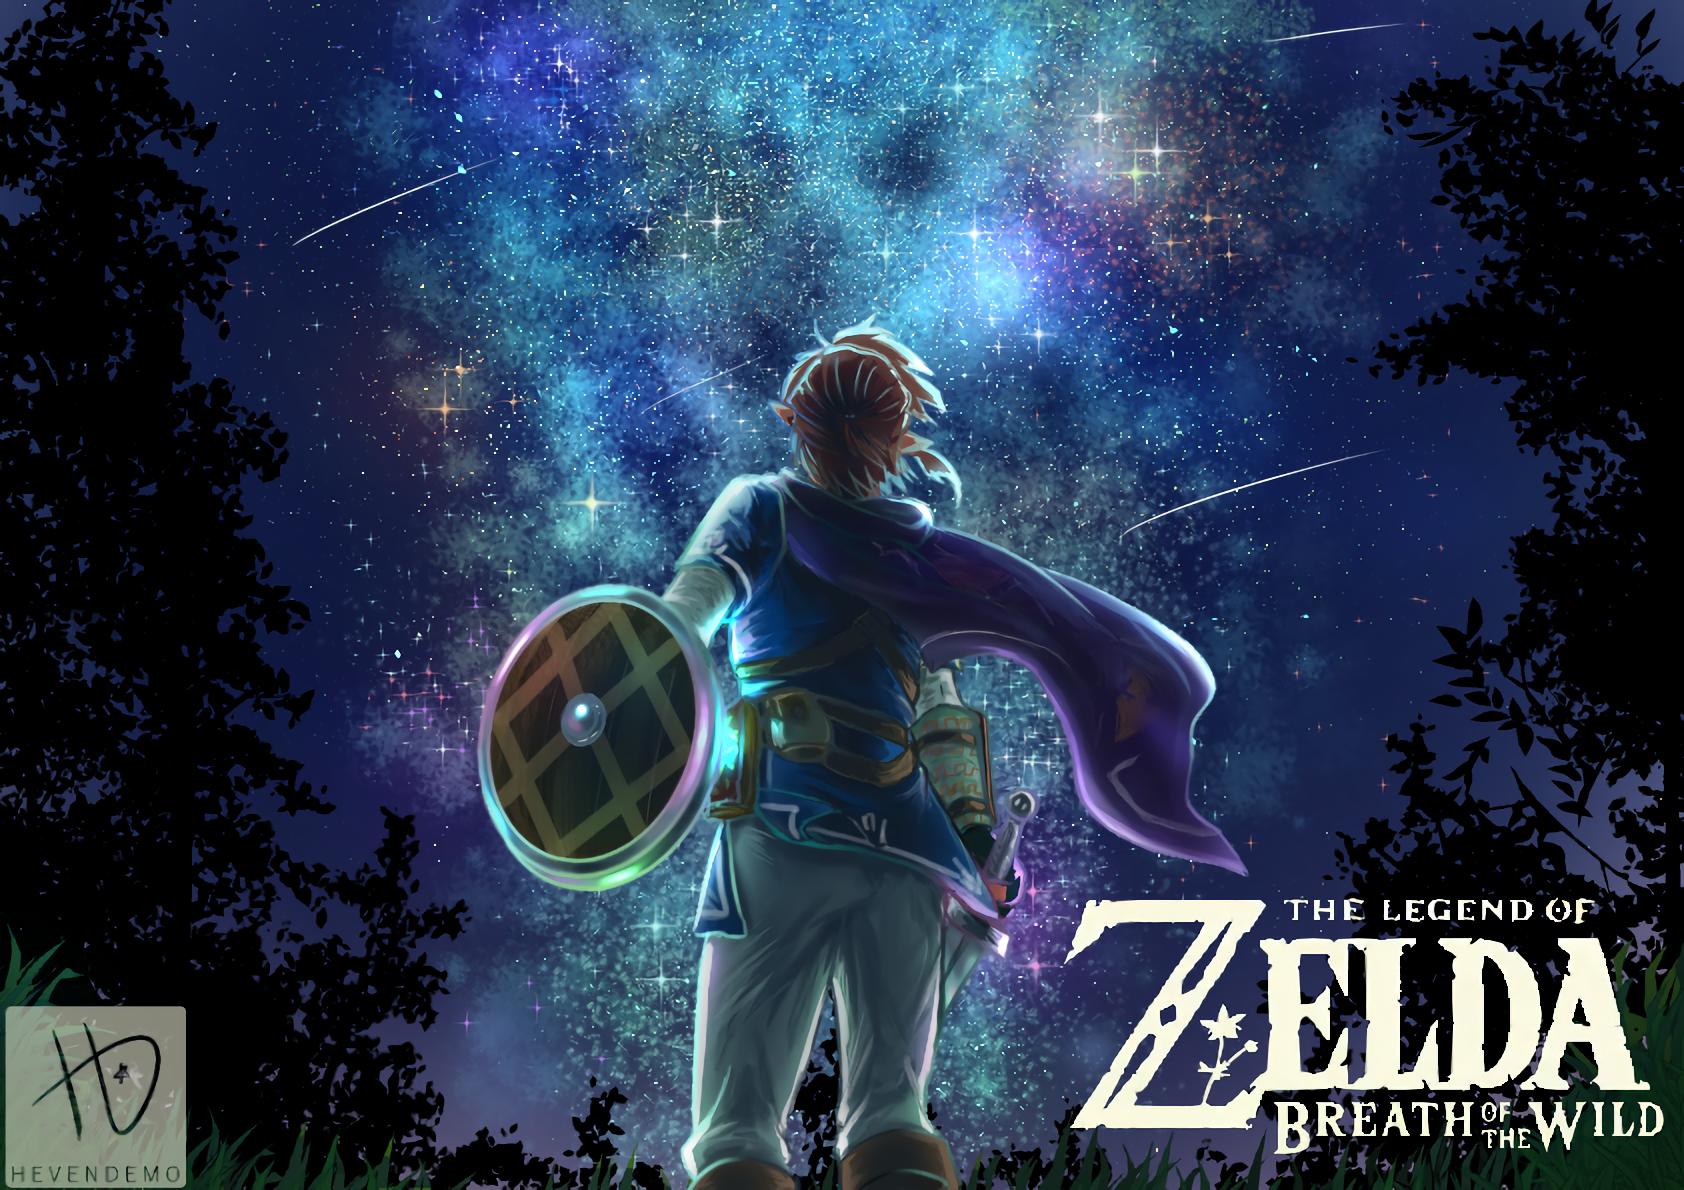 1684x1190 The Legend Of Zelda Breath Of The Wild Wallpaper